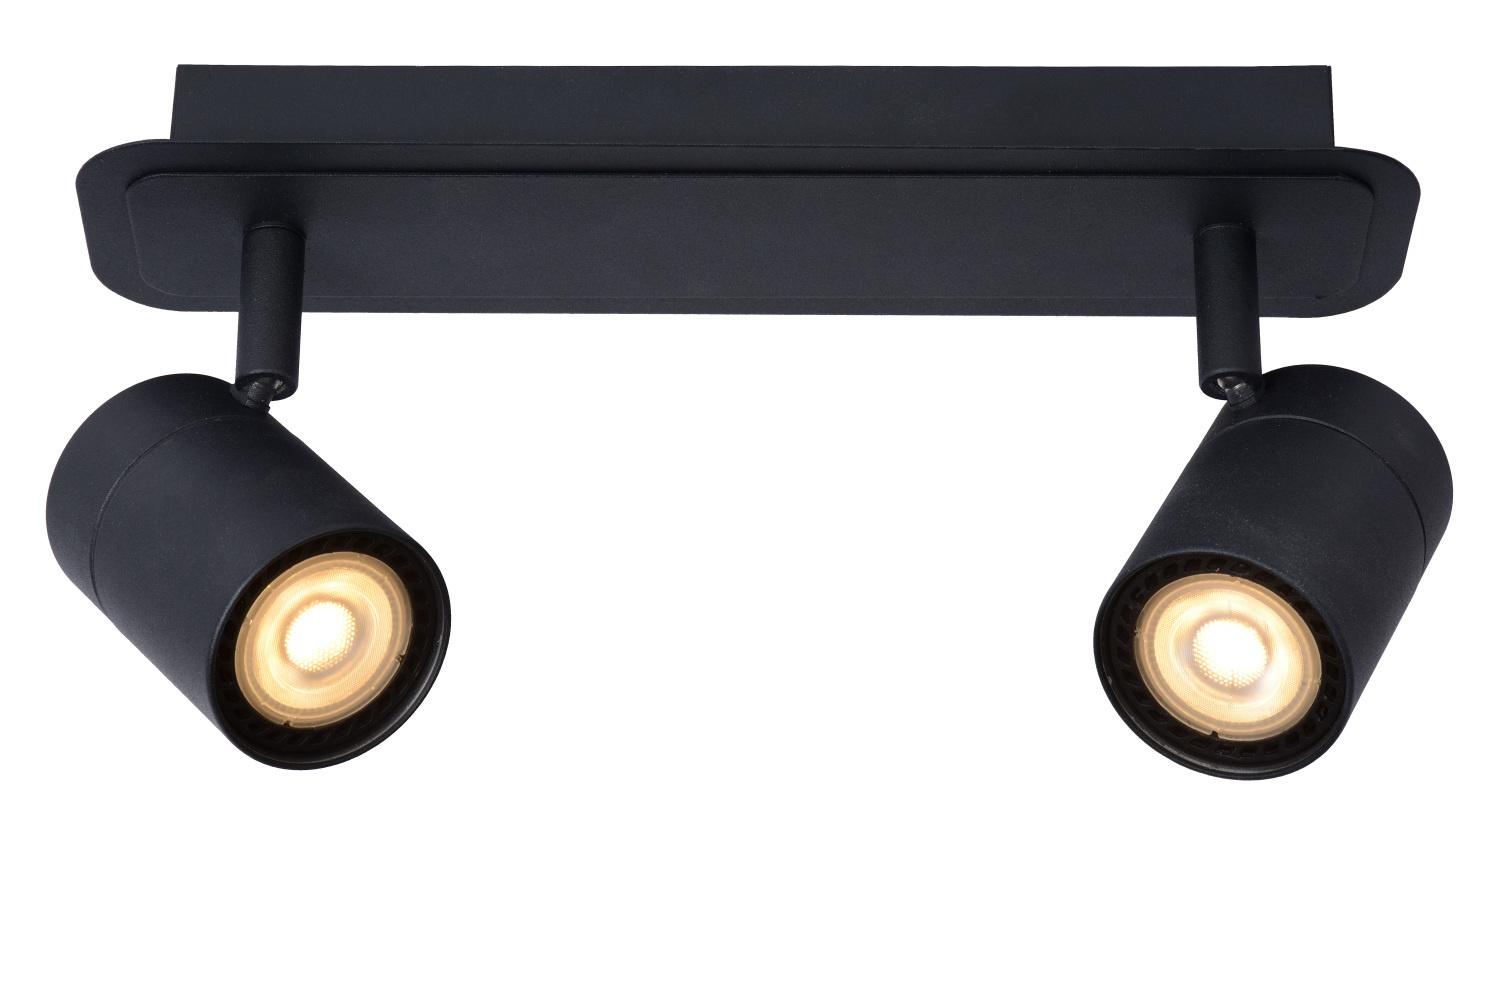 Lucide LENNERT Plafondspot Badk.-Zwart-LED Dimb.-2xGU10